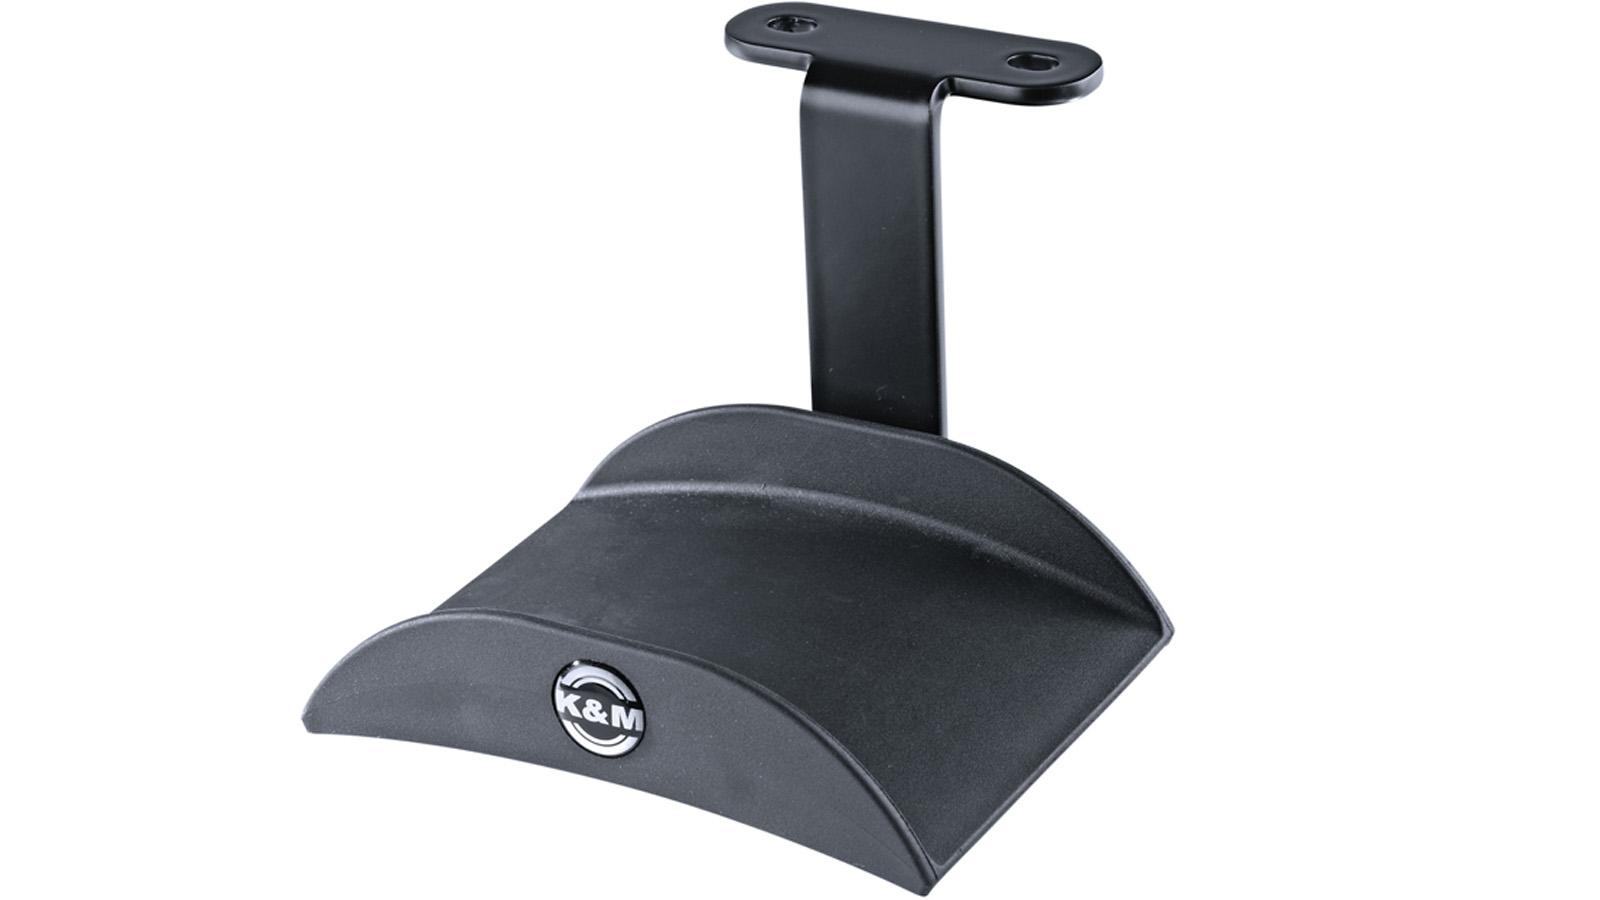 K&M Kopfhörerhalter zur Montage unter einem Tisch 16330 schwarz